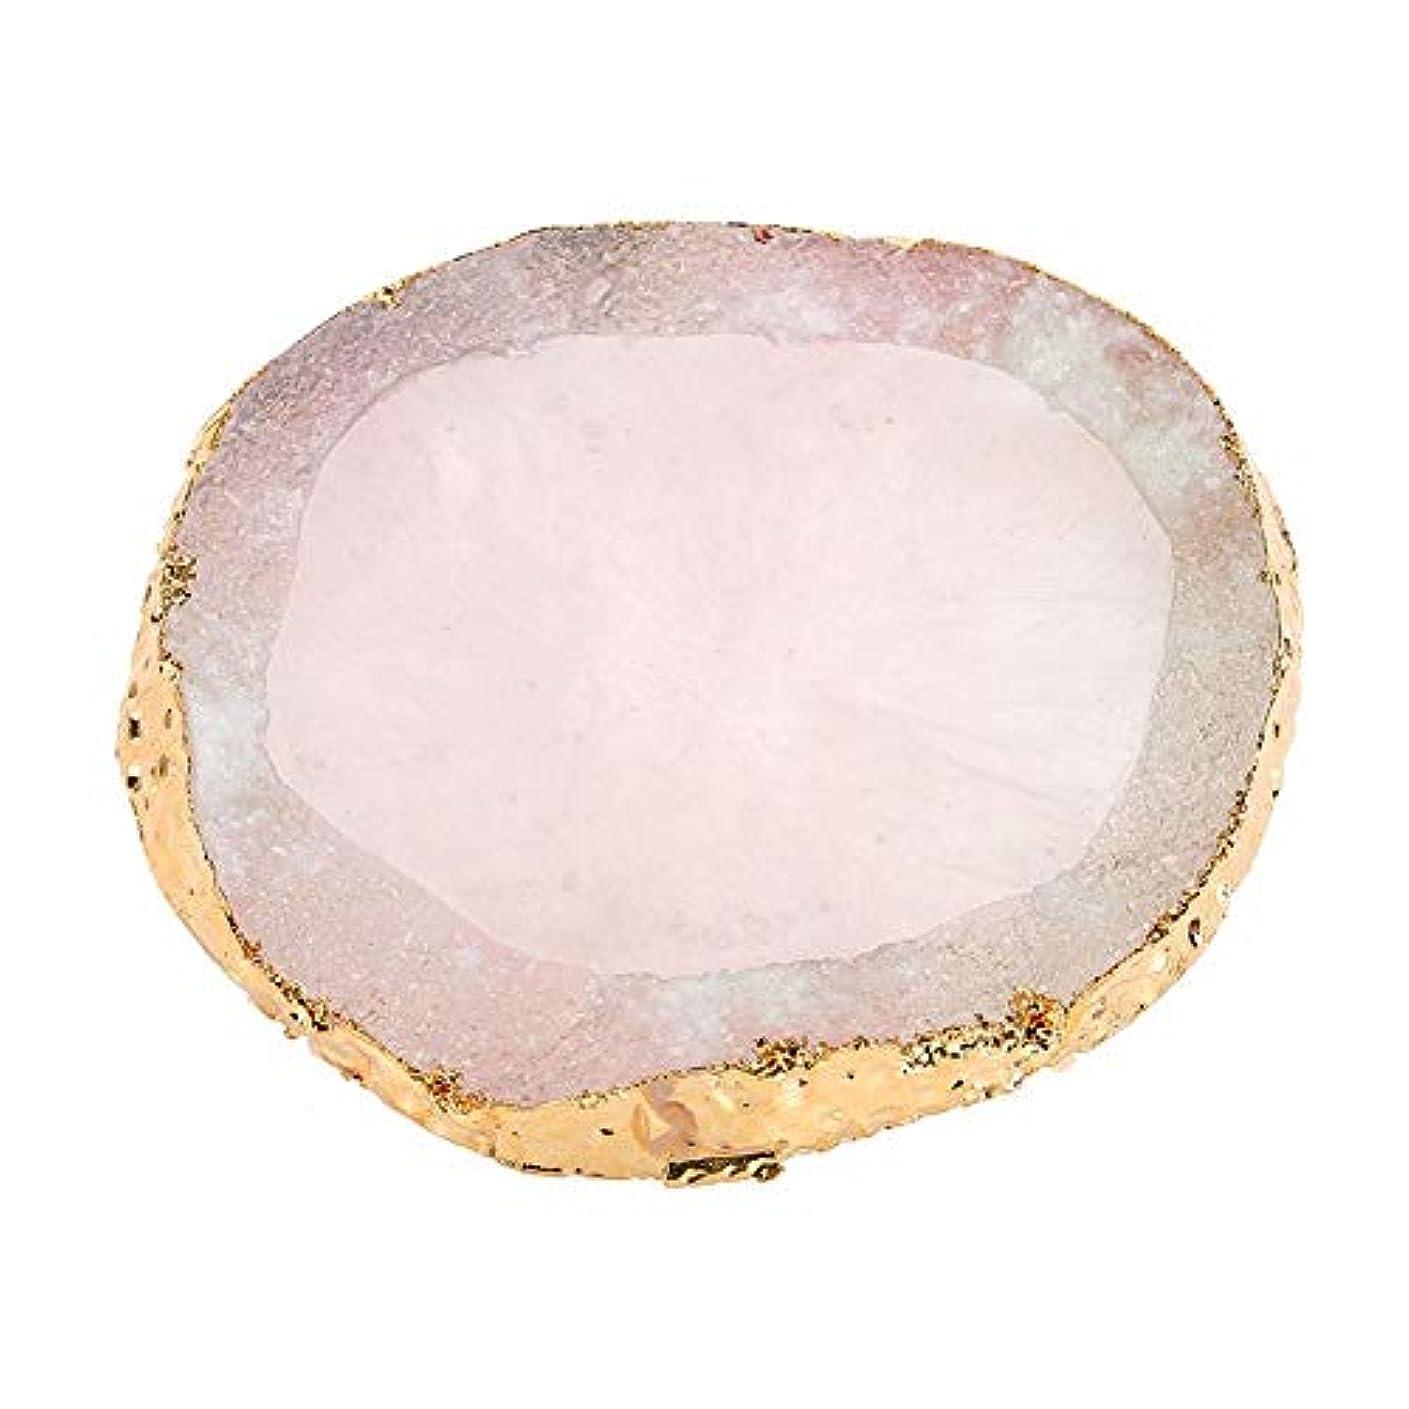 サンダル荒廃する類推ネイルアートパレット、樹脂ペイント描画カラーディッシュゴールデンエッジマニキュアネイルDIYツール(ピンク)